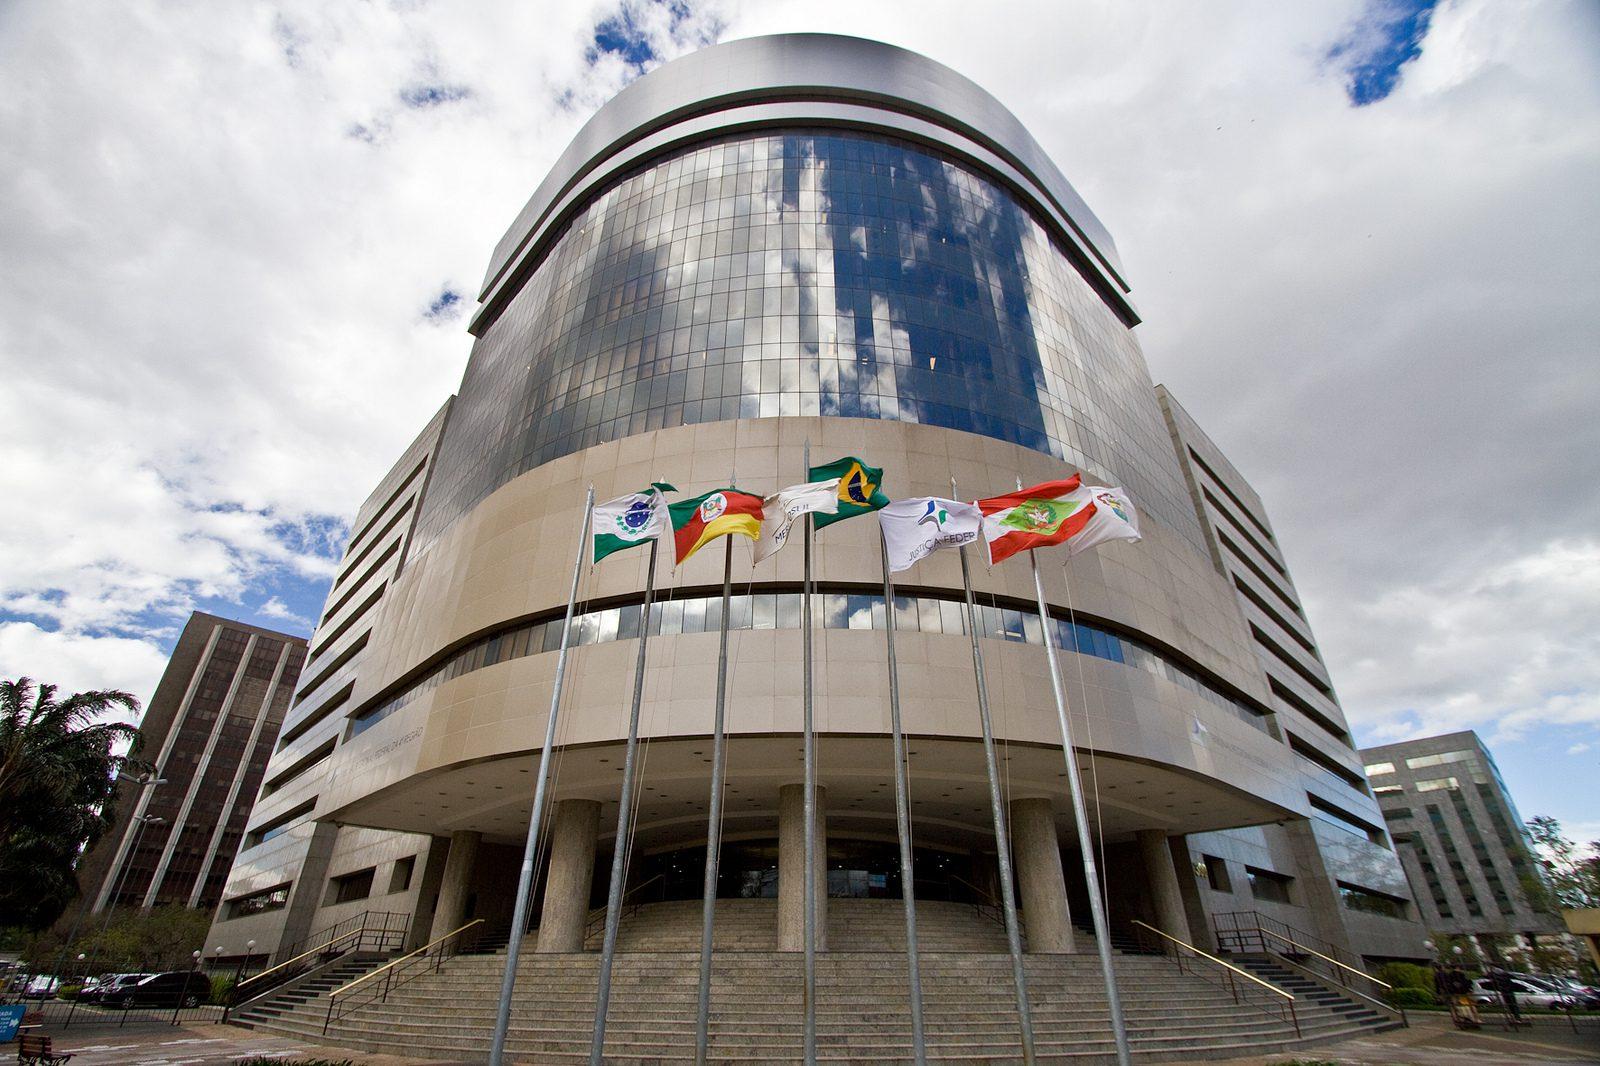 STF deverá analisar novo pedido de habeas corpus de Lula